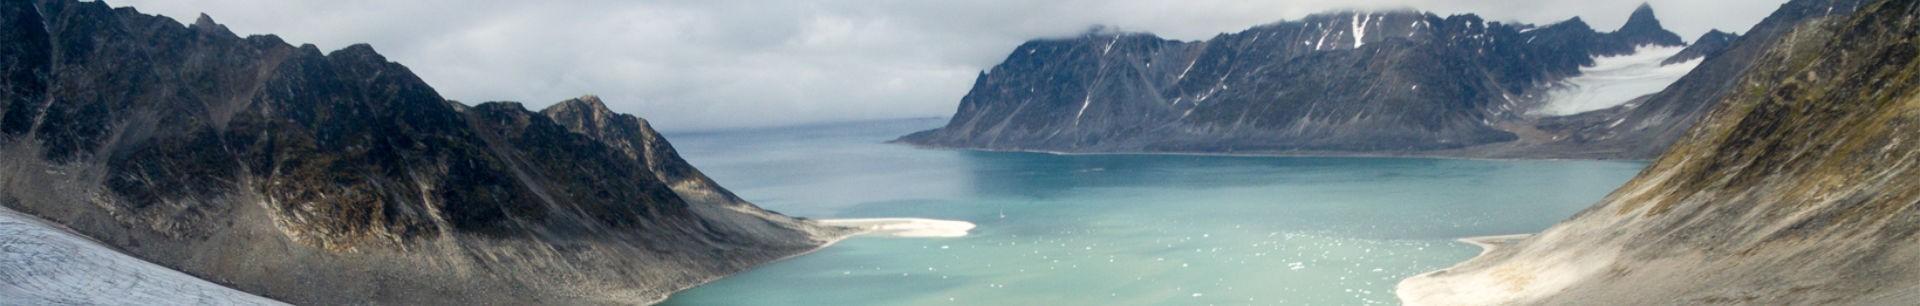 Zoom forelesninger - Rolf Stange - Spitsbergen Butikk